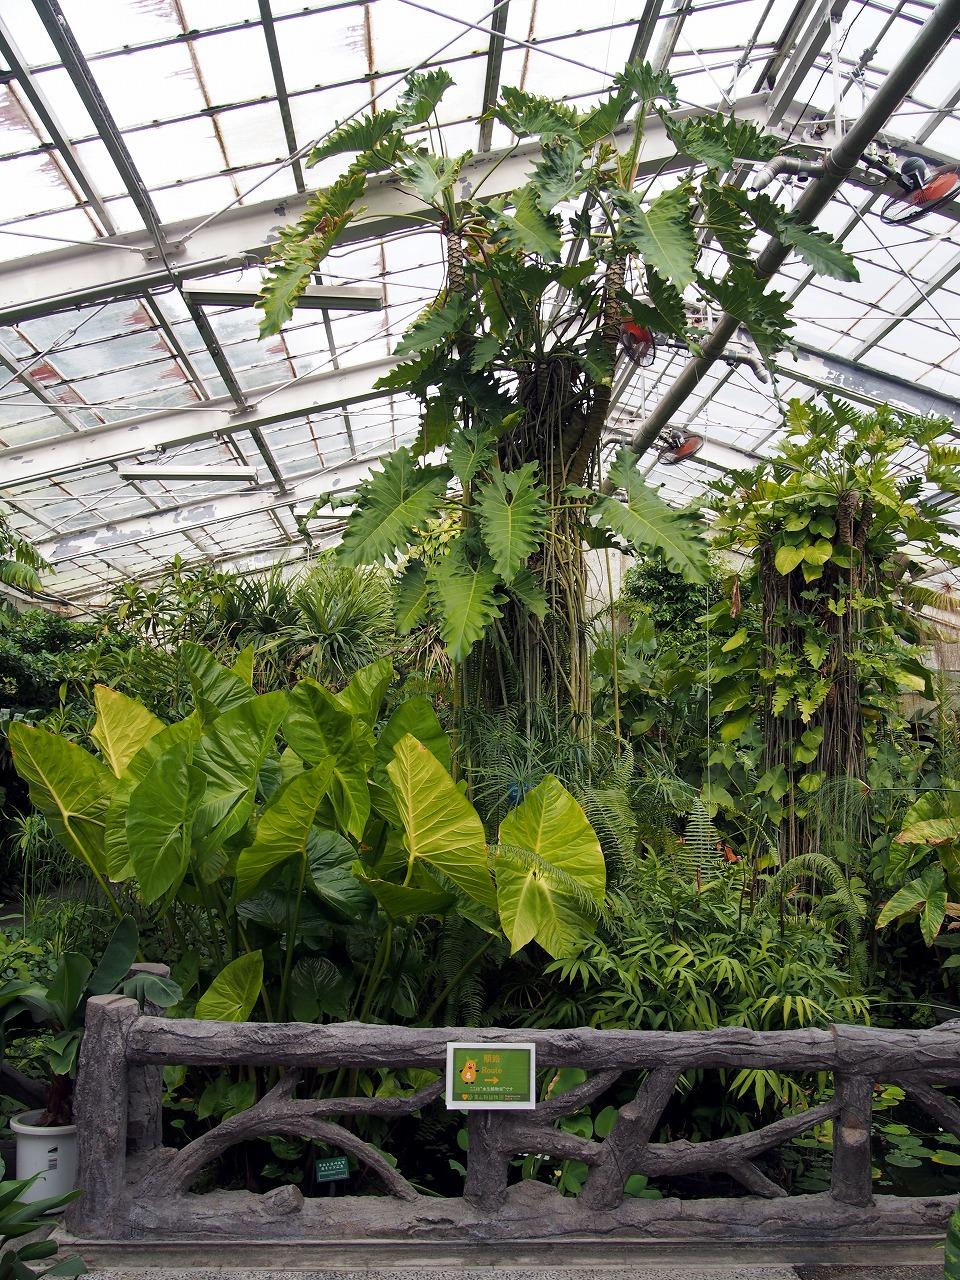 BotanicalGarden76_20141115.jpg